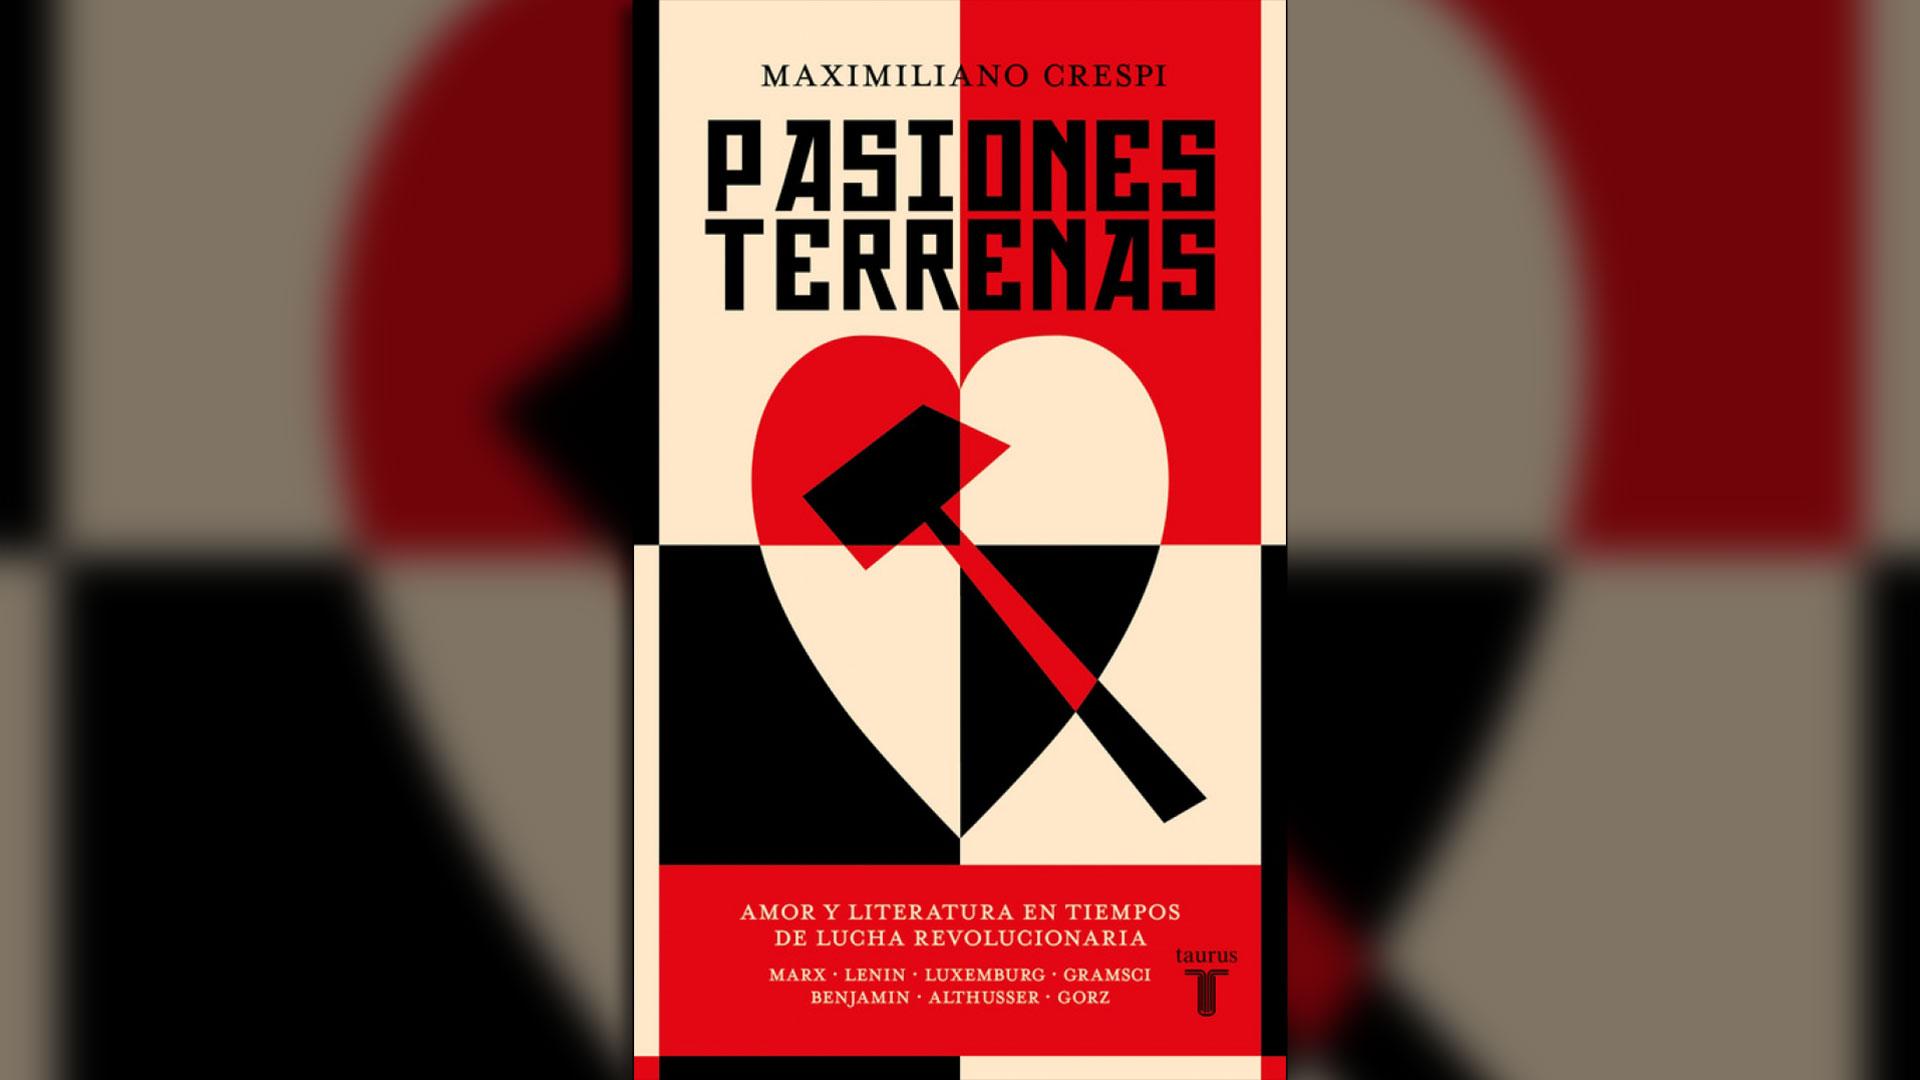 """Portada de """"Pasiones terrenas"""" de Maximiliano Crespi"""